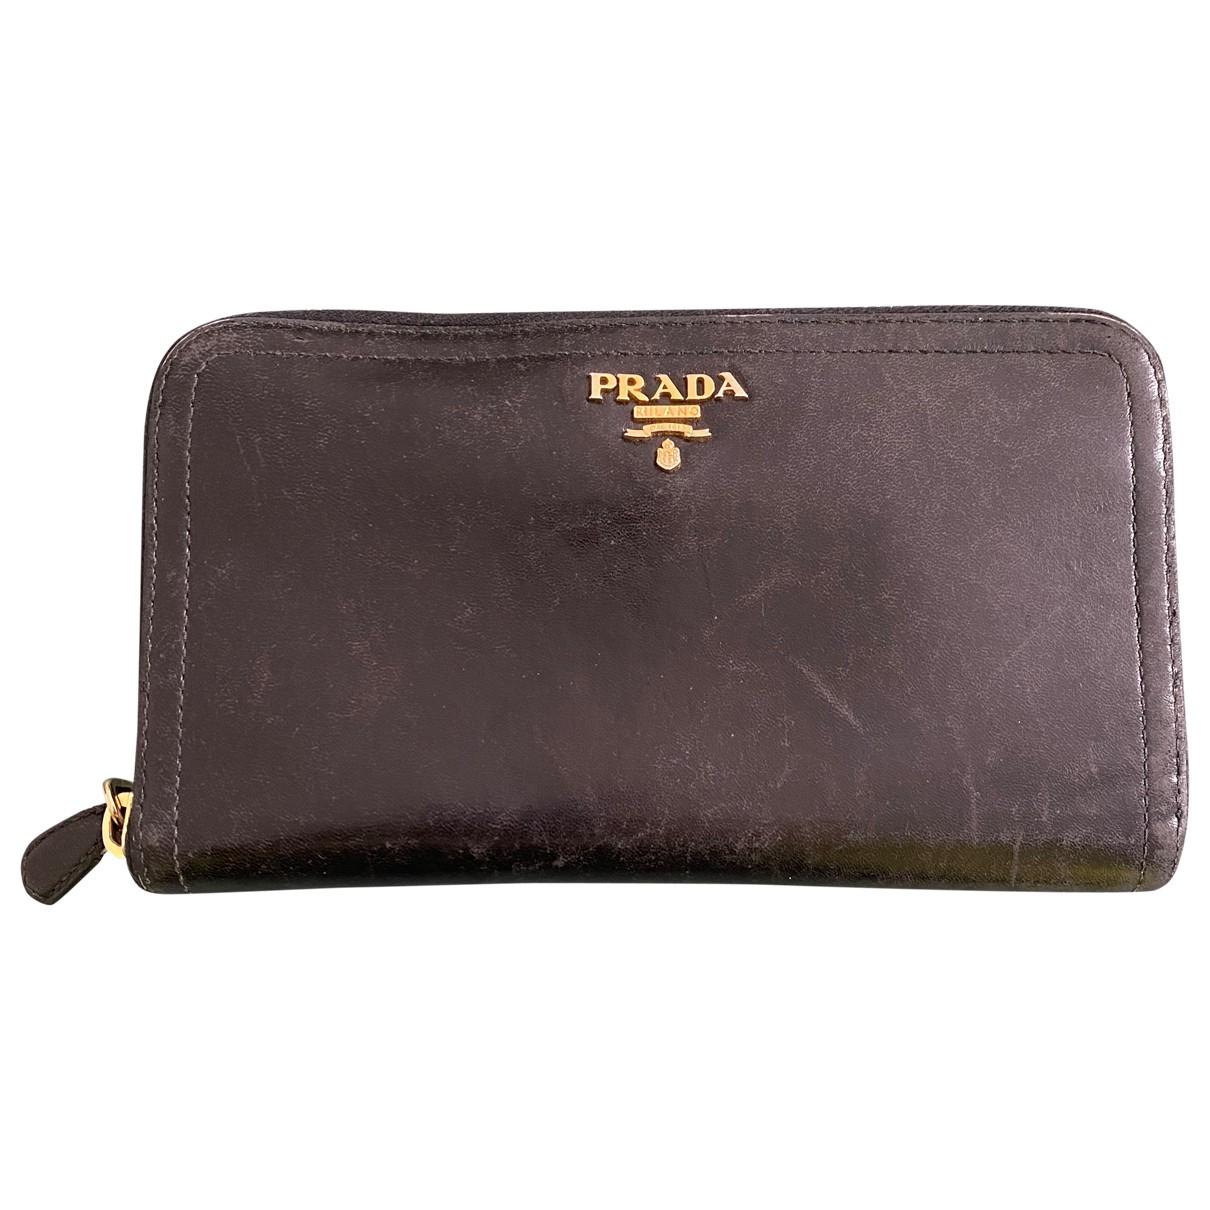 Prada \N Black Leather wallet for Women \N